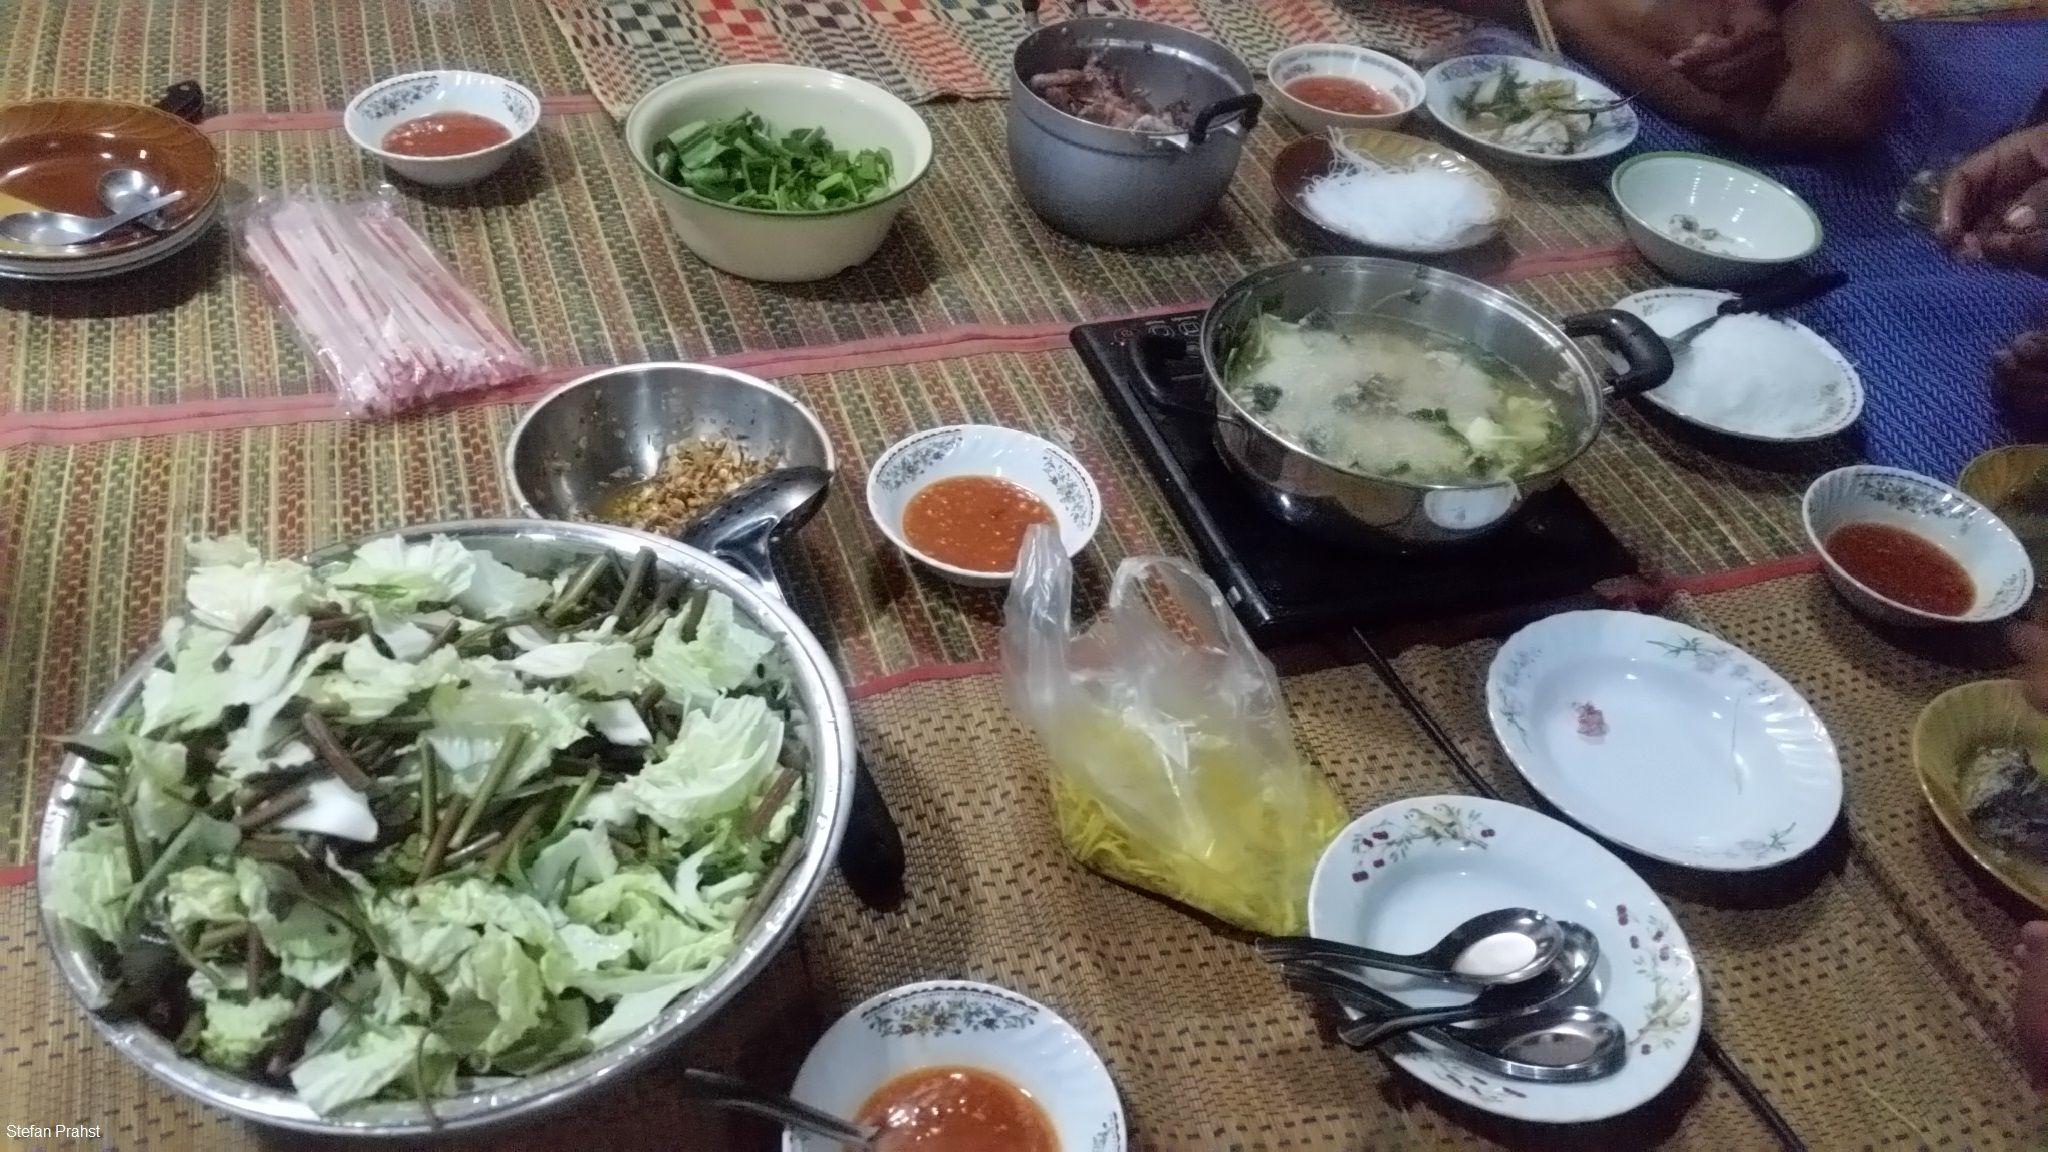 Asiatische Küche thailändische küche thailändisches essen asiatische